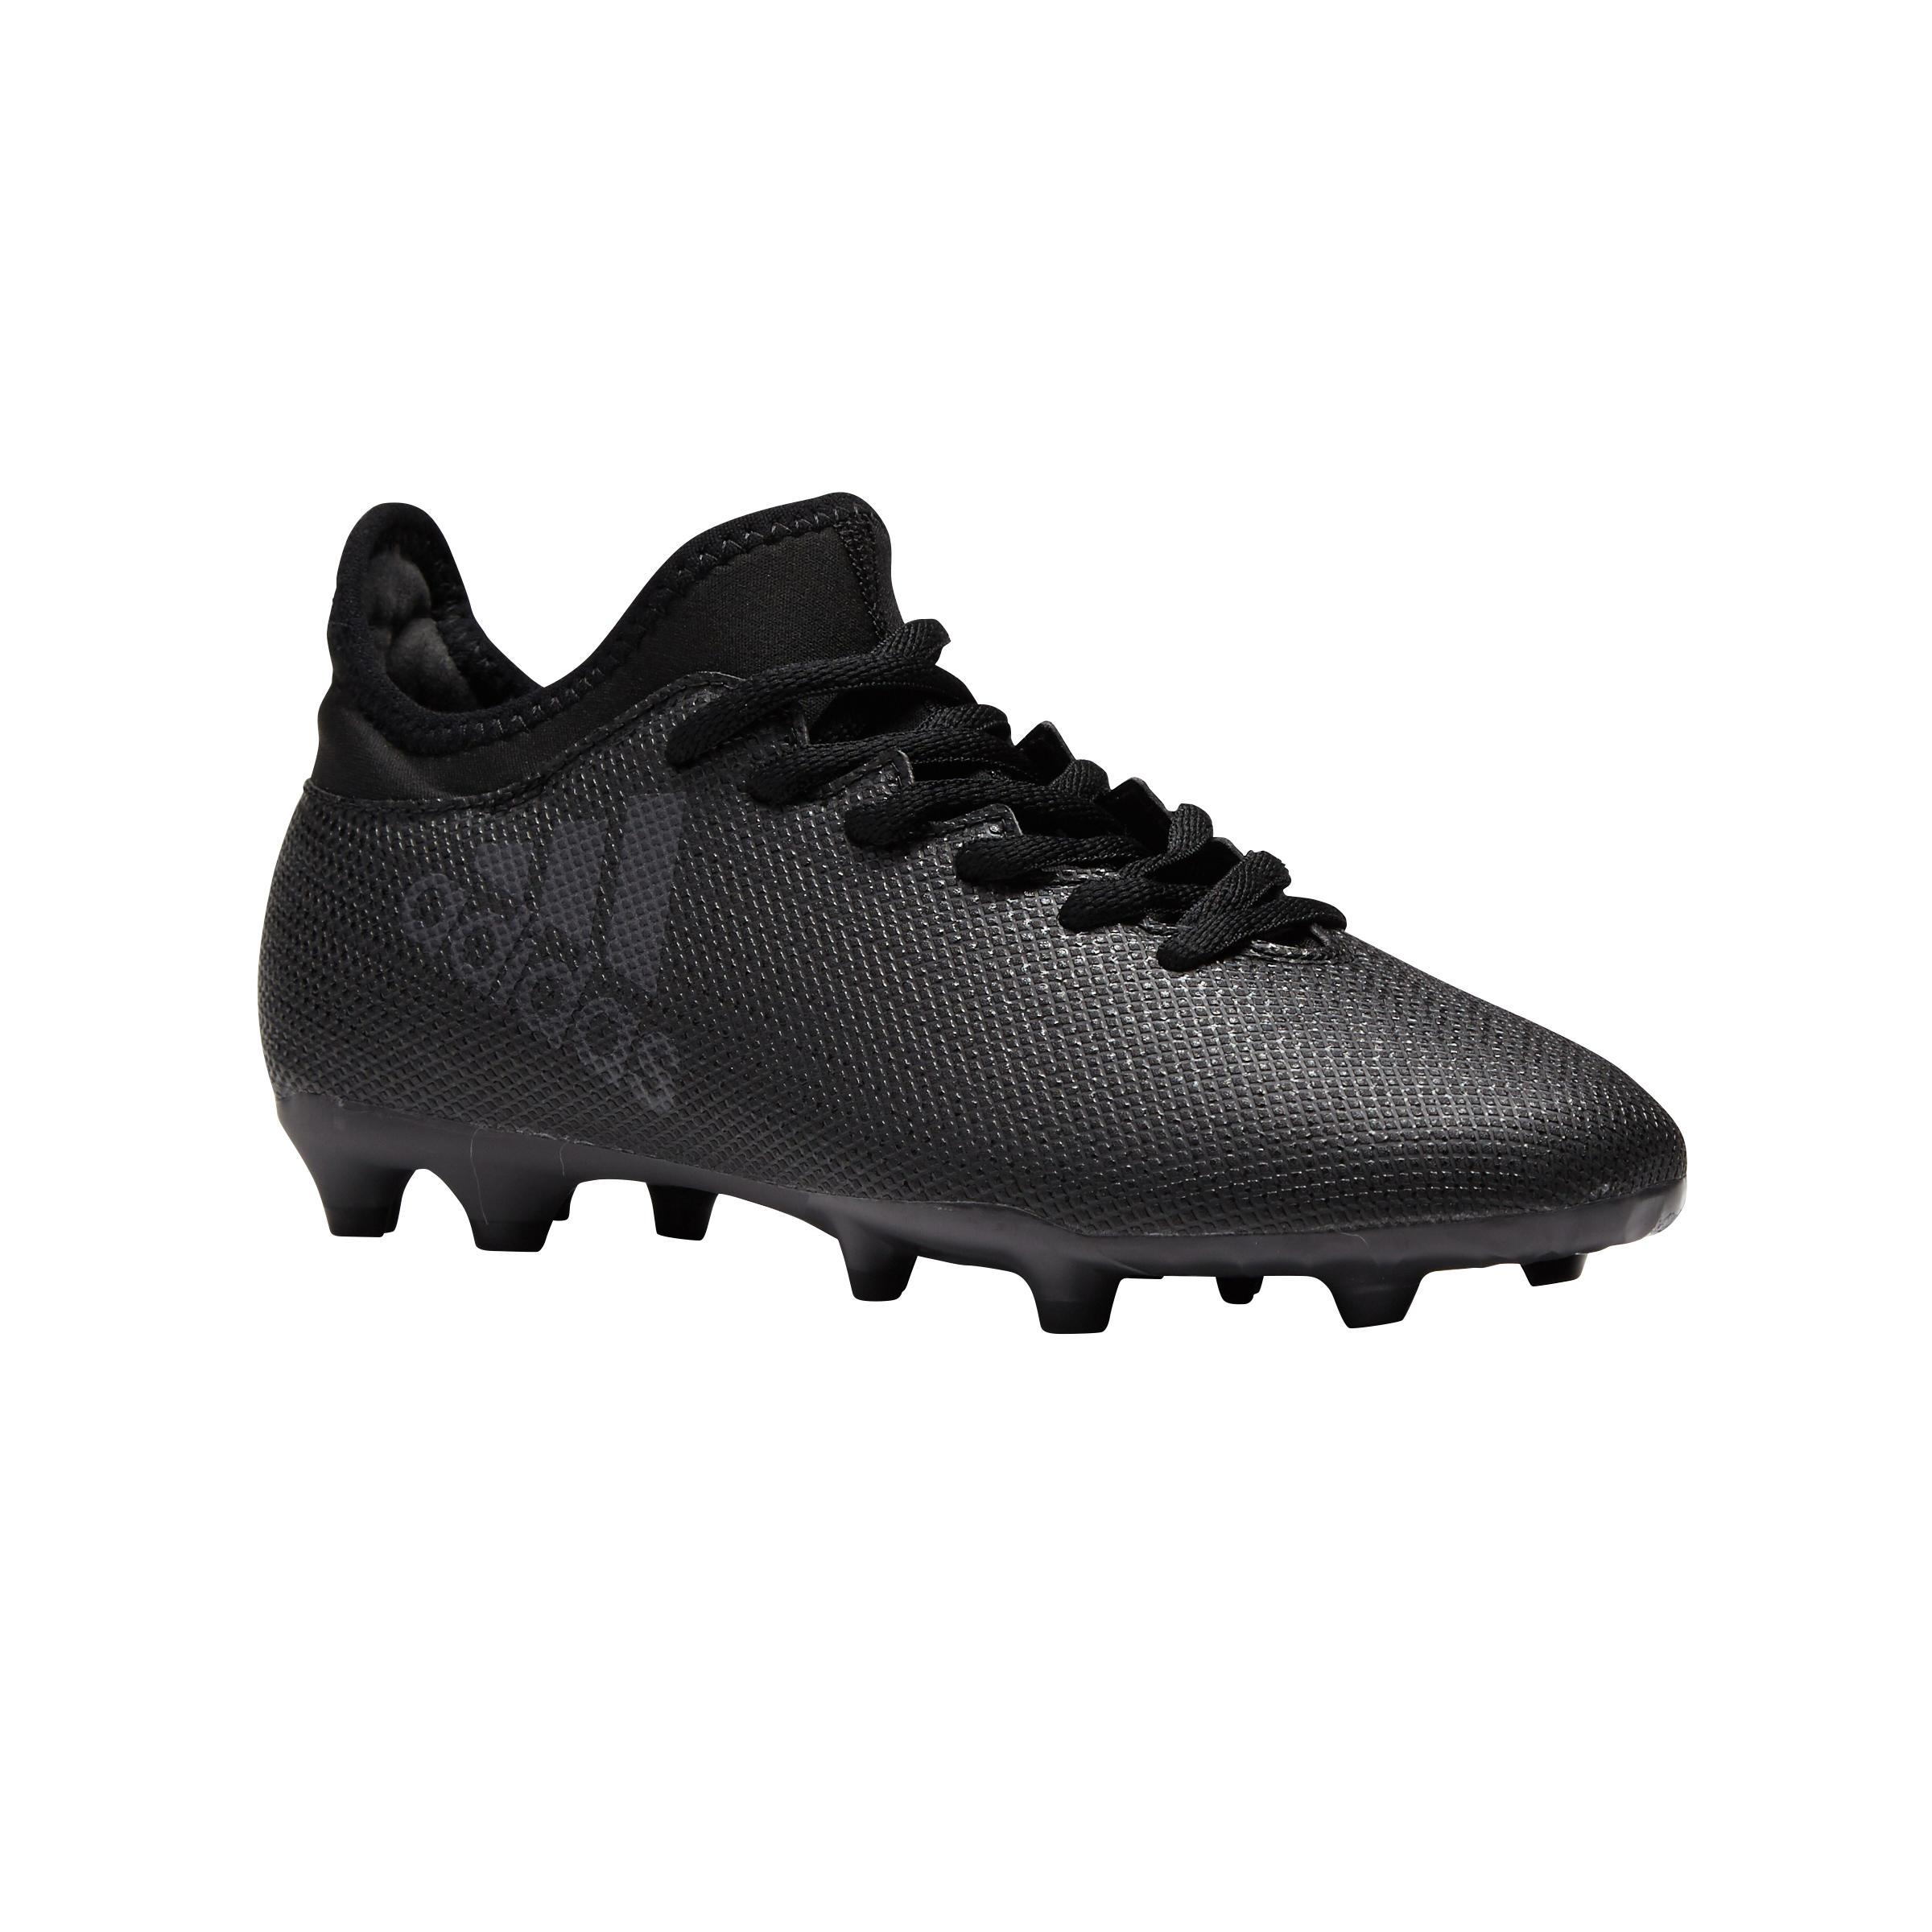 Chaussure de football enfant X 17.3 FG noire